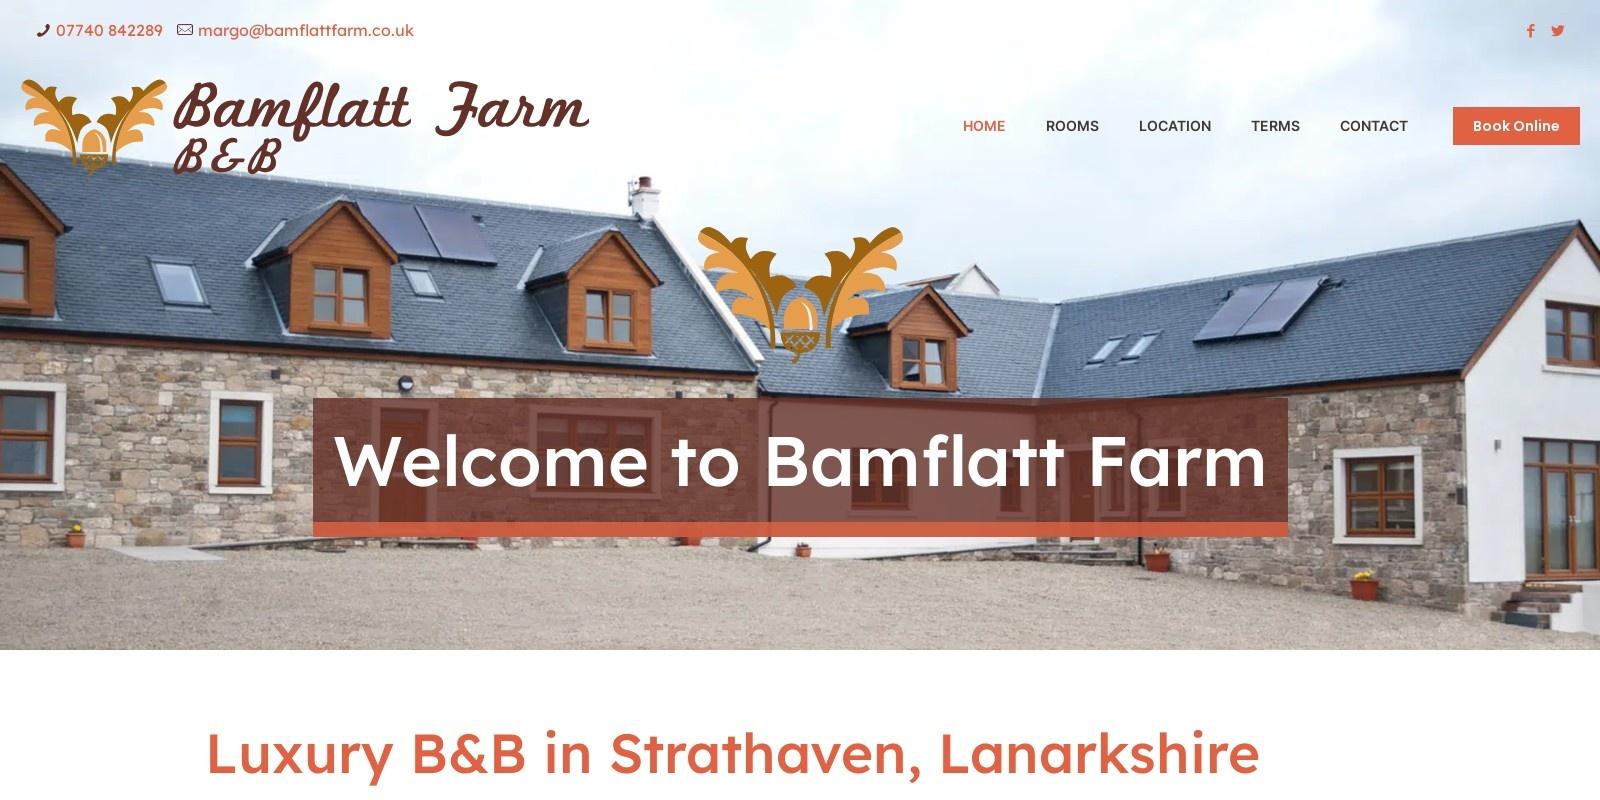 Preview of http://www.bamflattfarm.co.uk